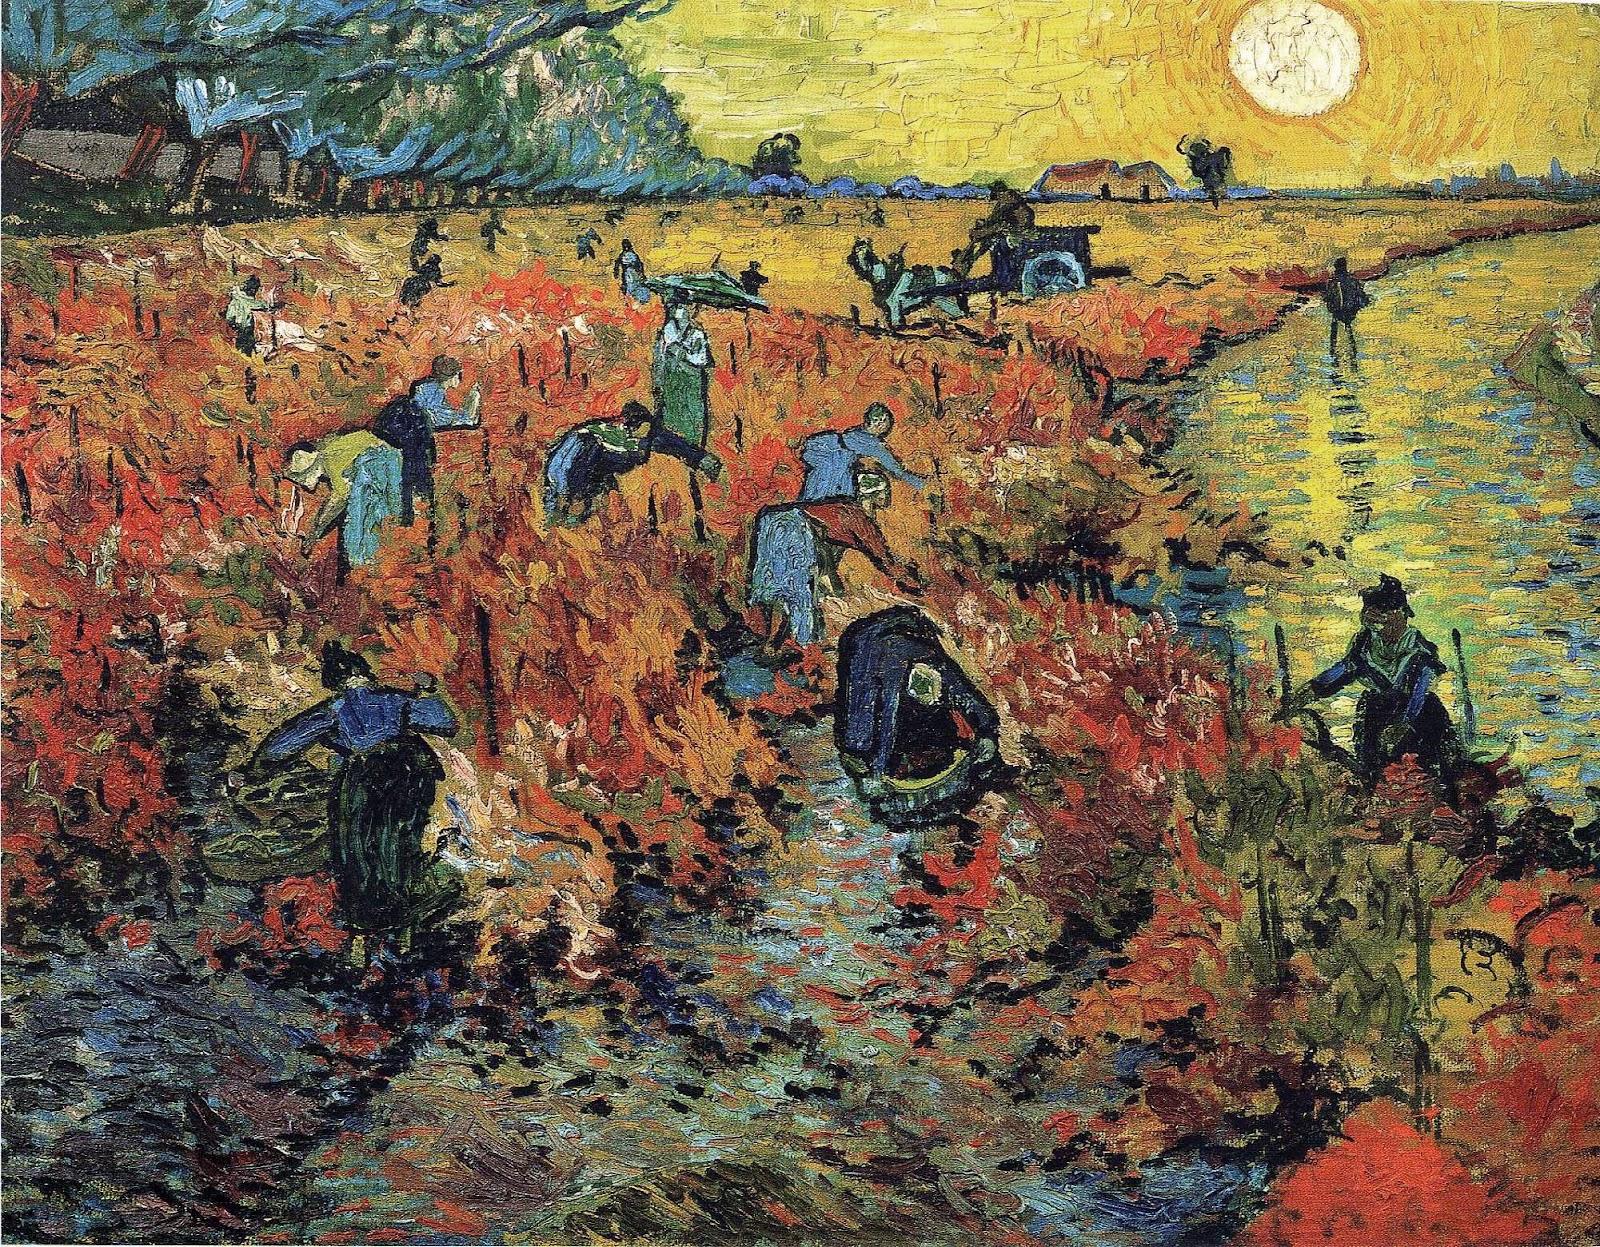 ヴィンセント・ヴァン・ゴッホの赤い葡萄畑